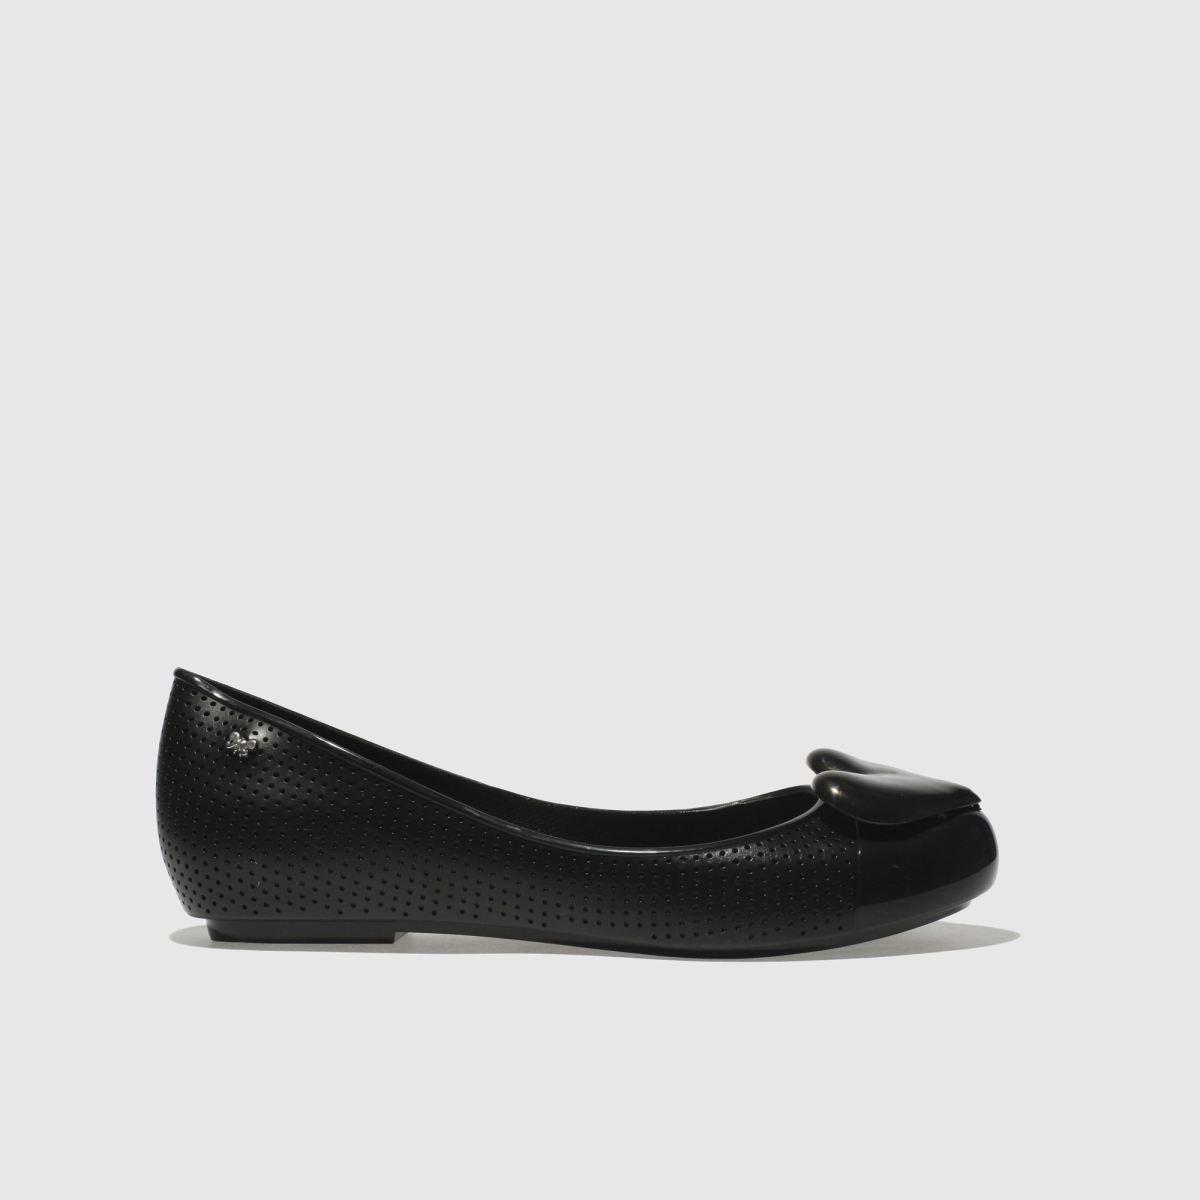 Zaxy Zaxy Black Pop Beauty Flat Shoes